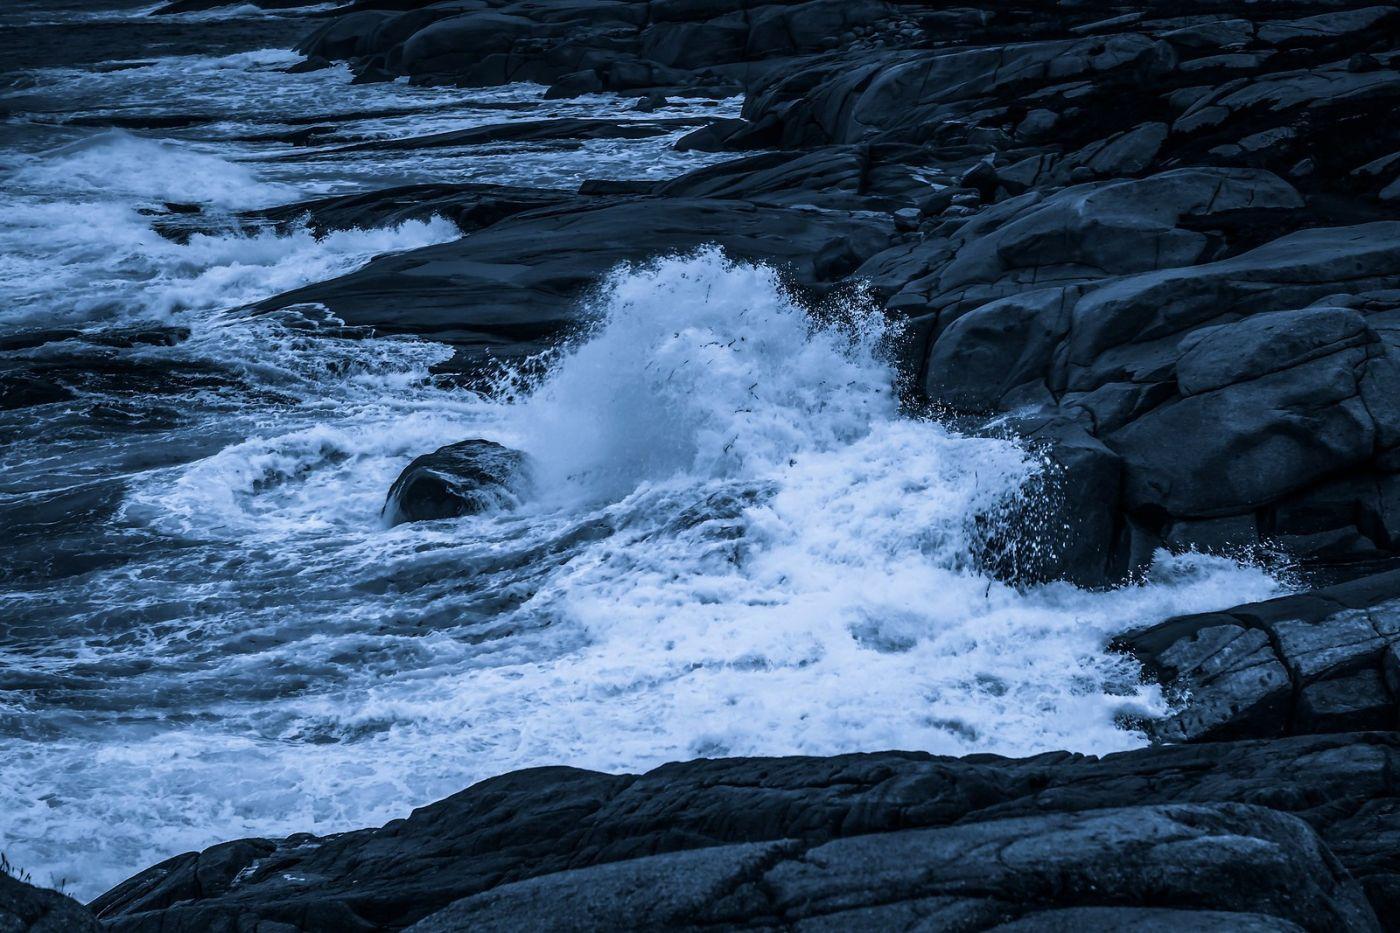 加拿大佩吉海湾(Peggys Cove),礁石上的灯塔_图1-10